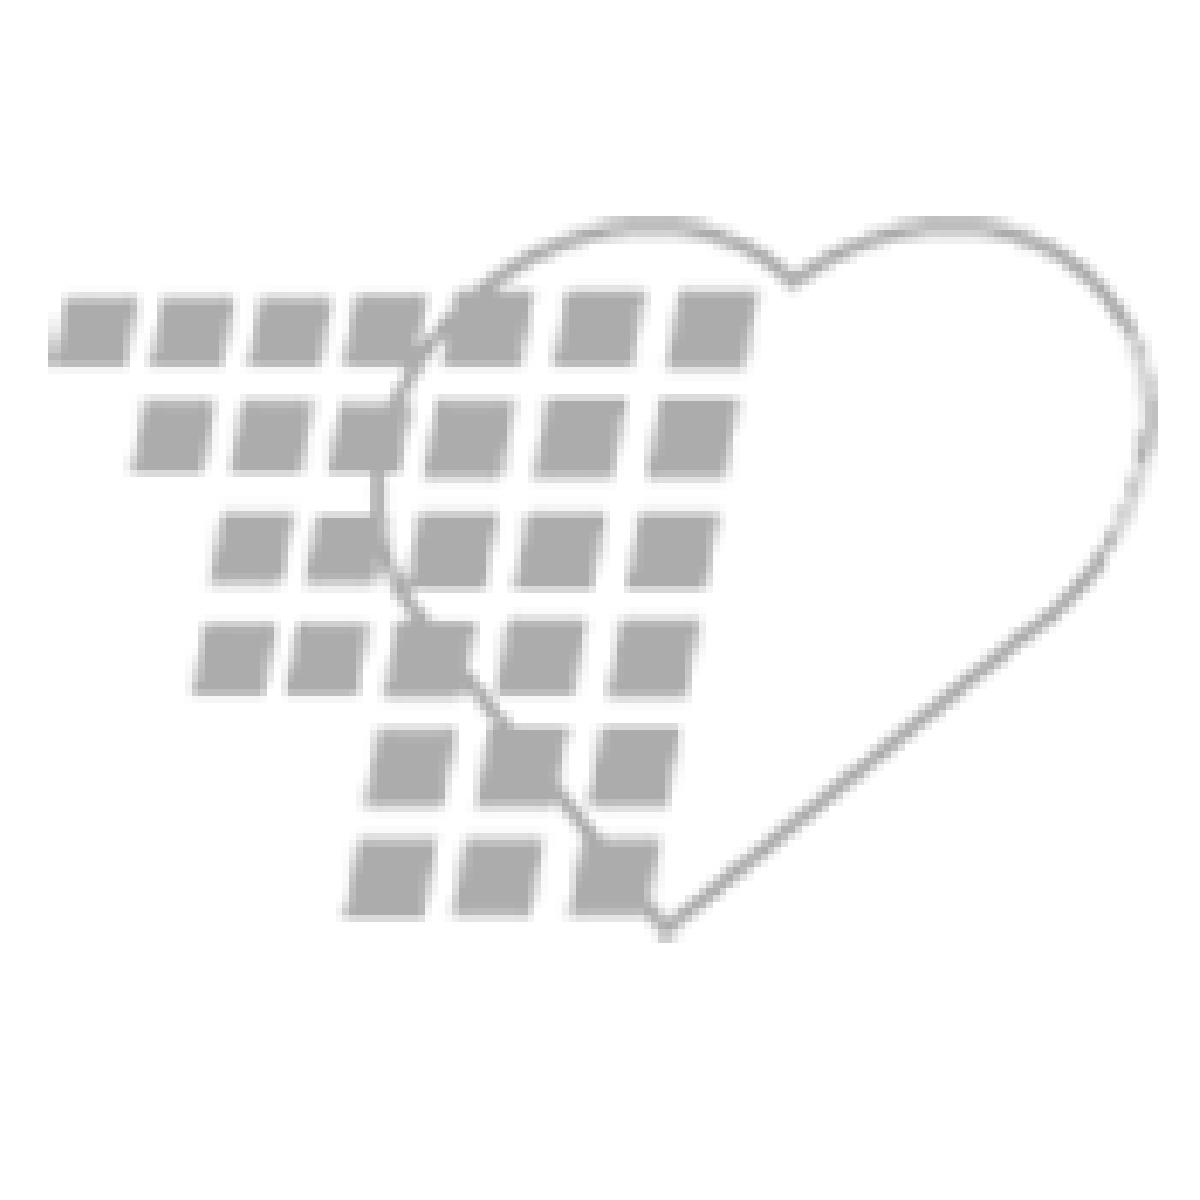 05-68-2939 - Nasco Nasco's Complete Cling Kit